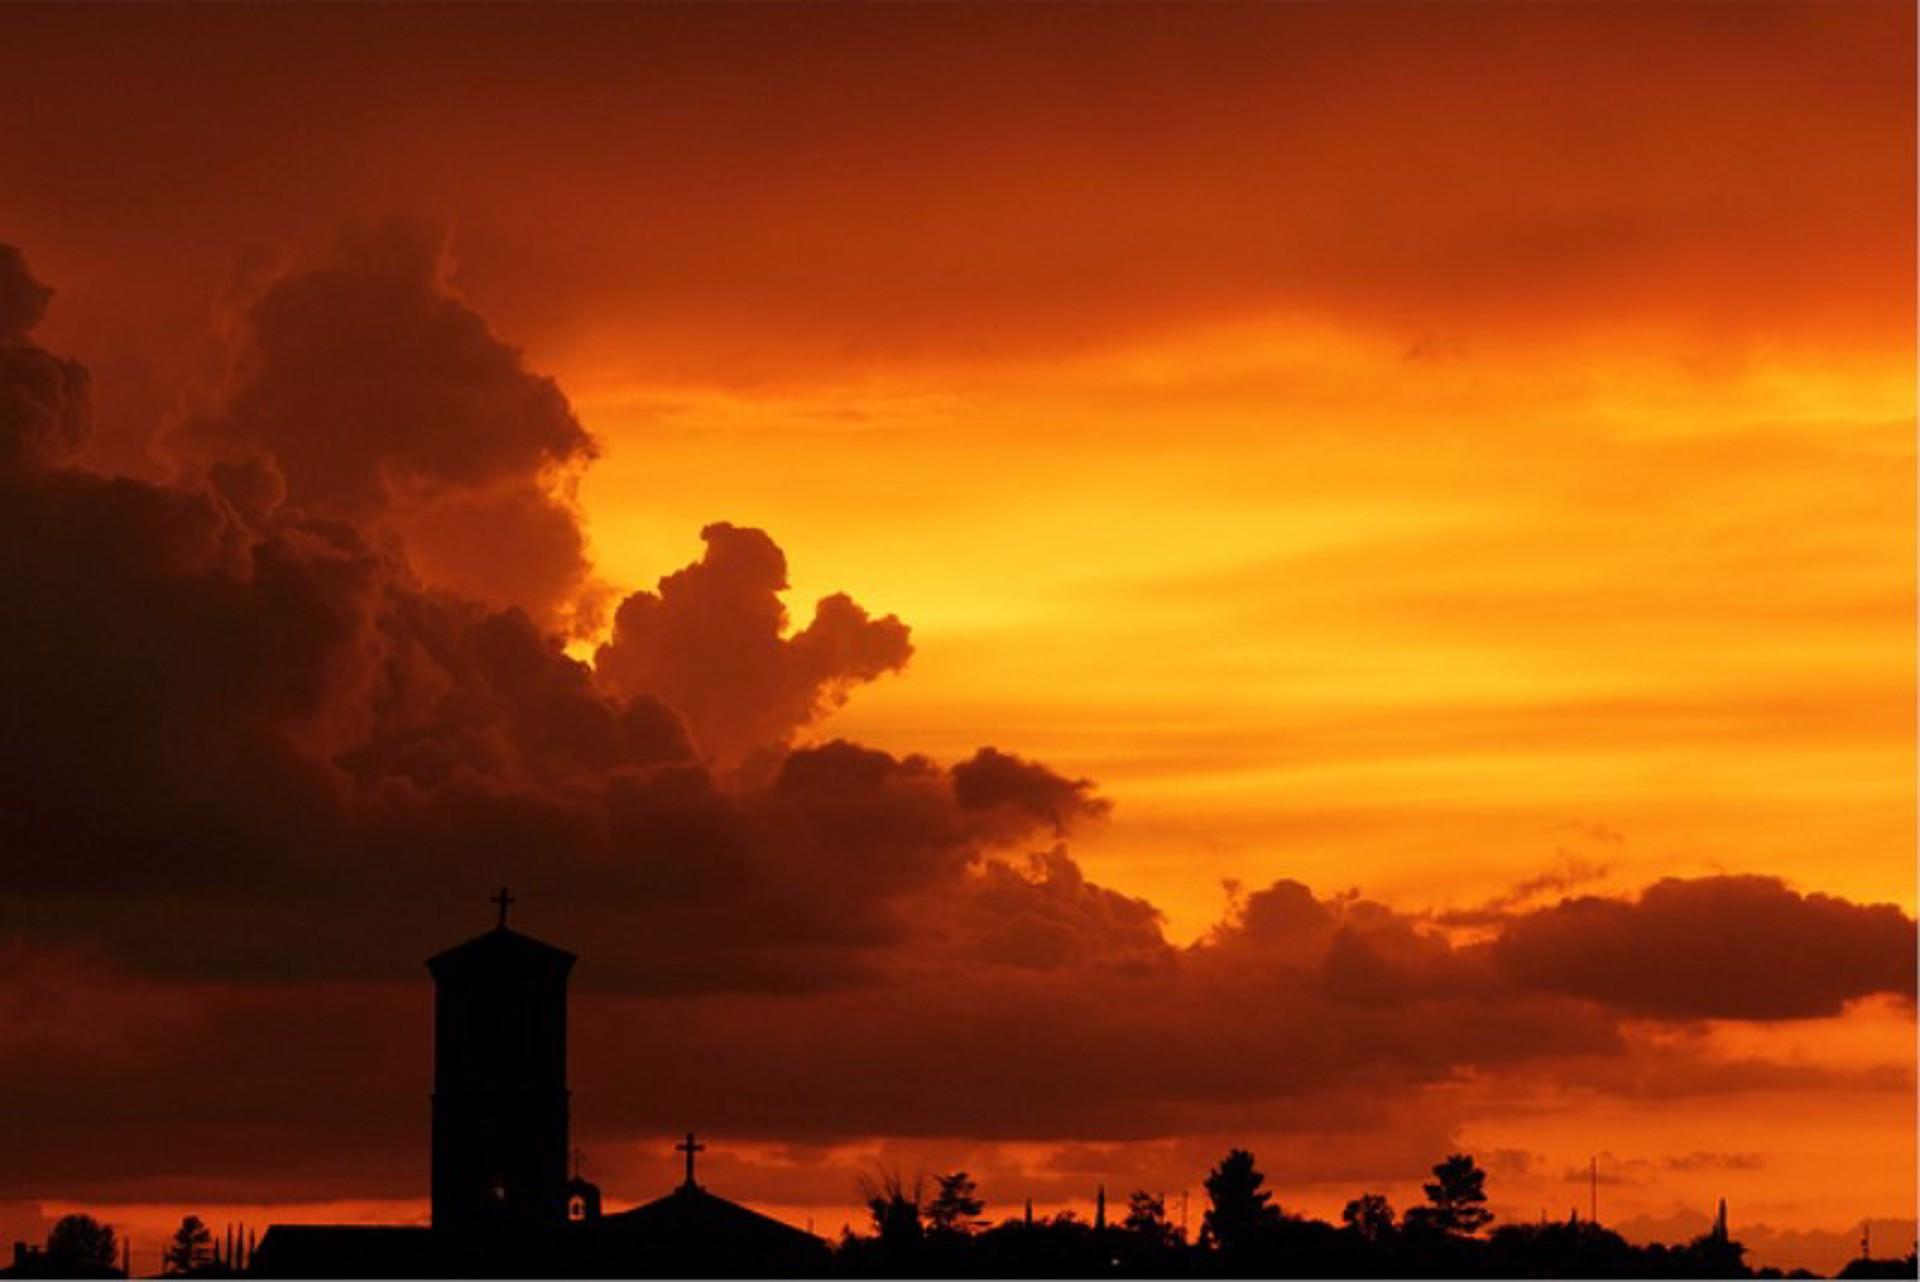 Sacred Heart Sunset by John Hays